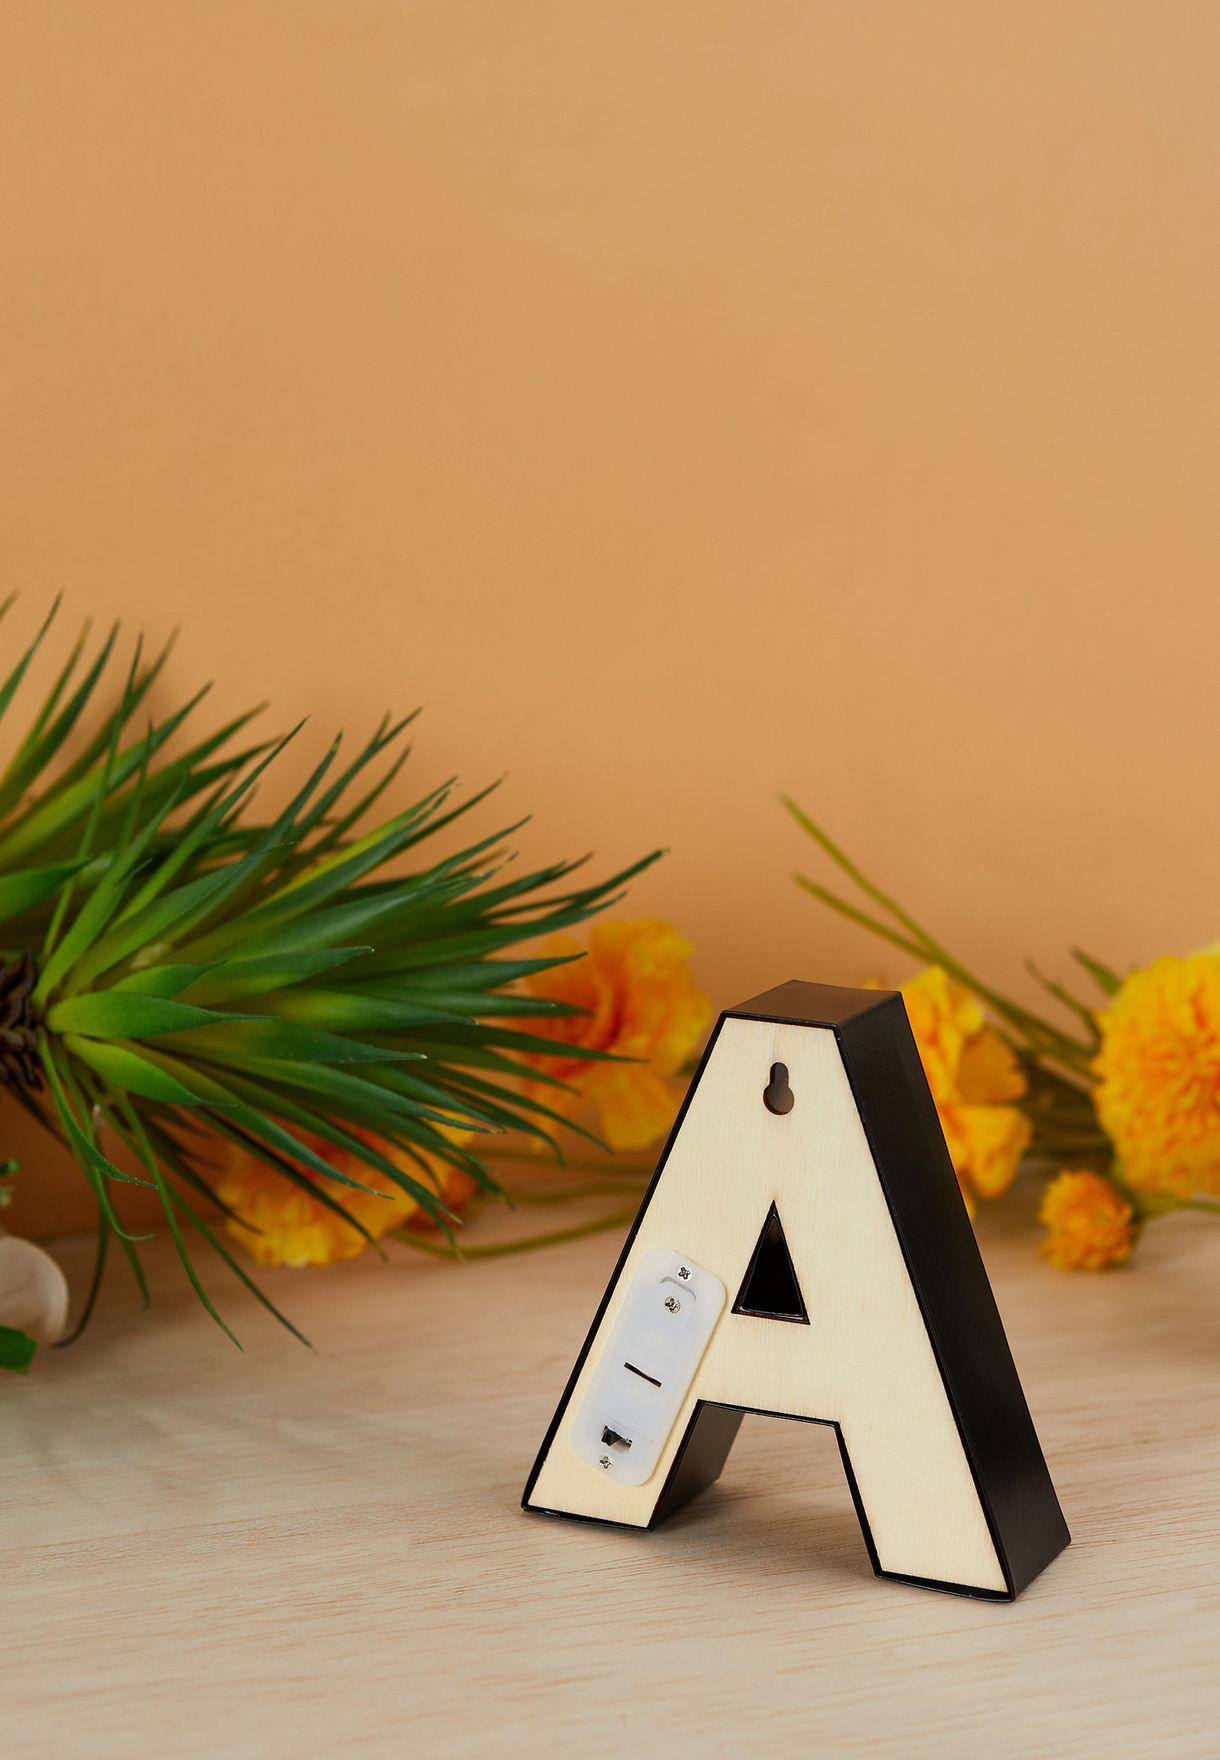 ضوء شكل حرف A